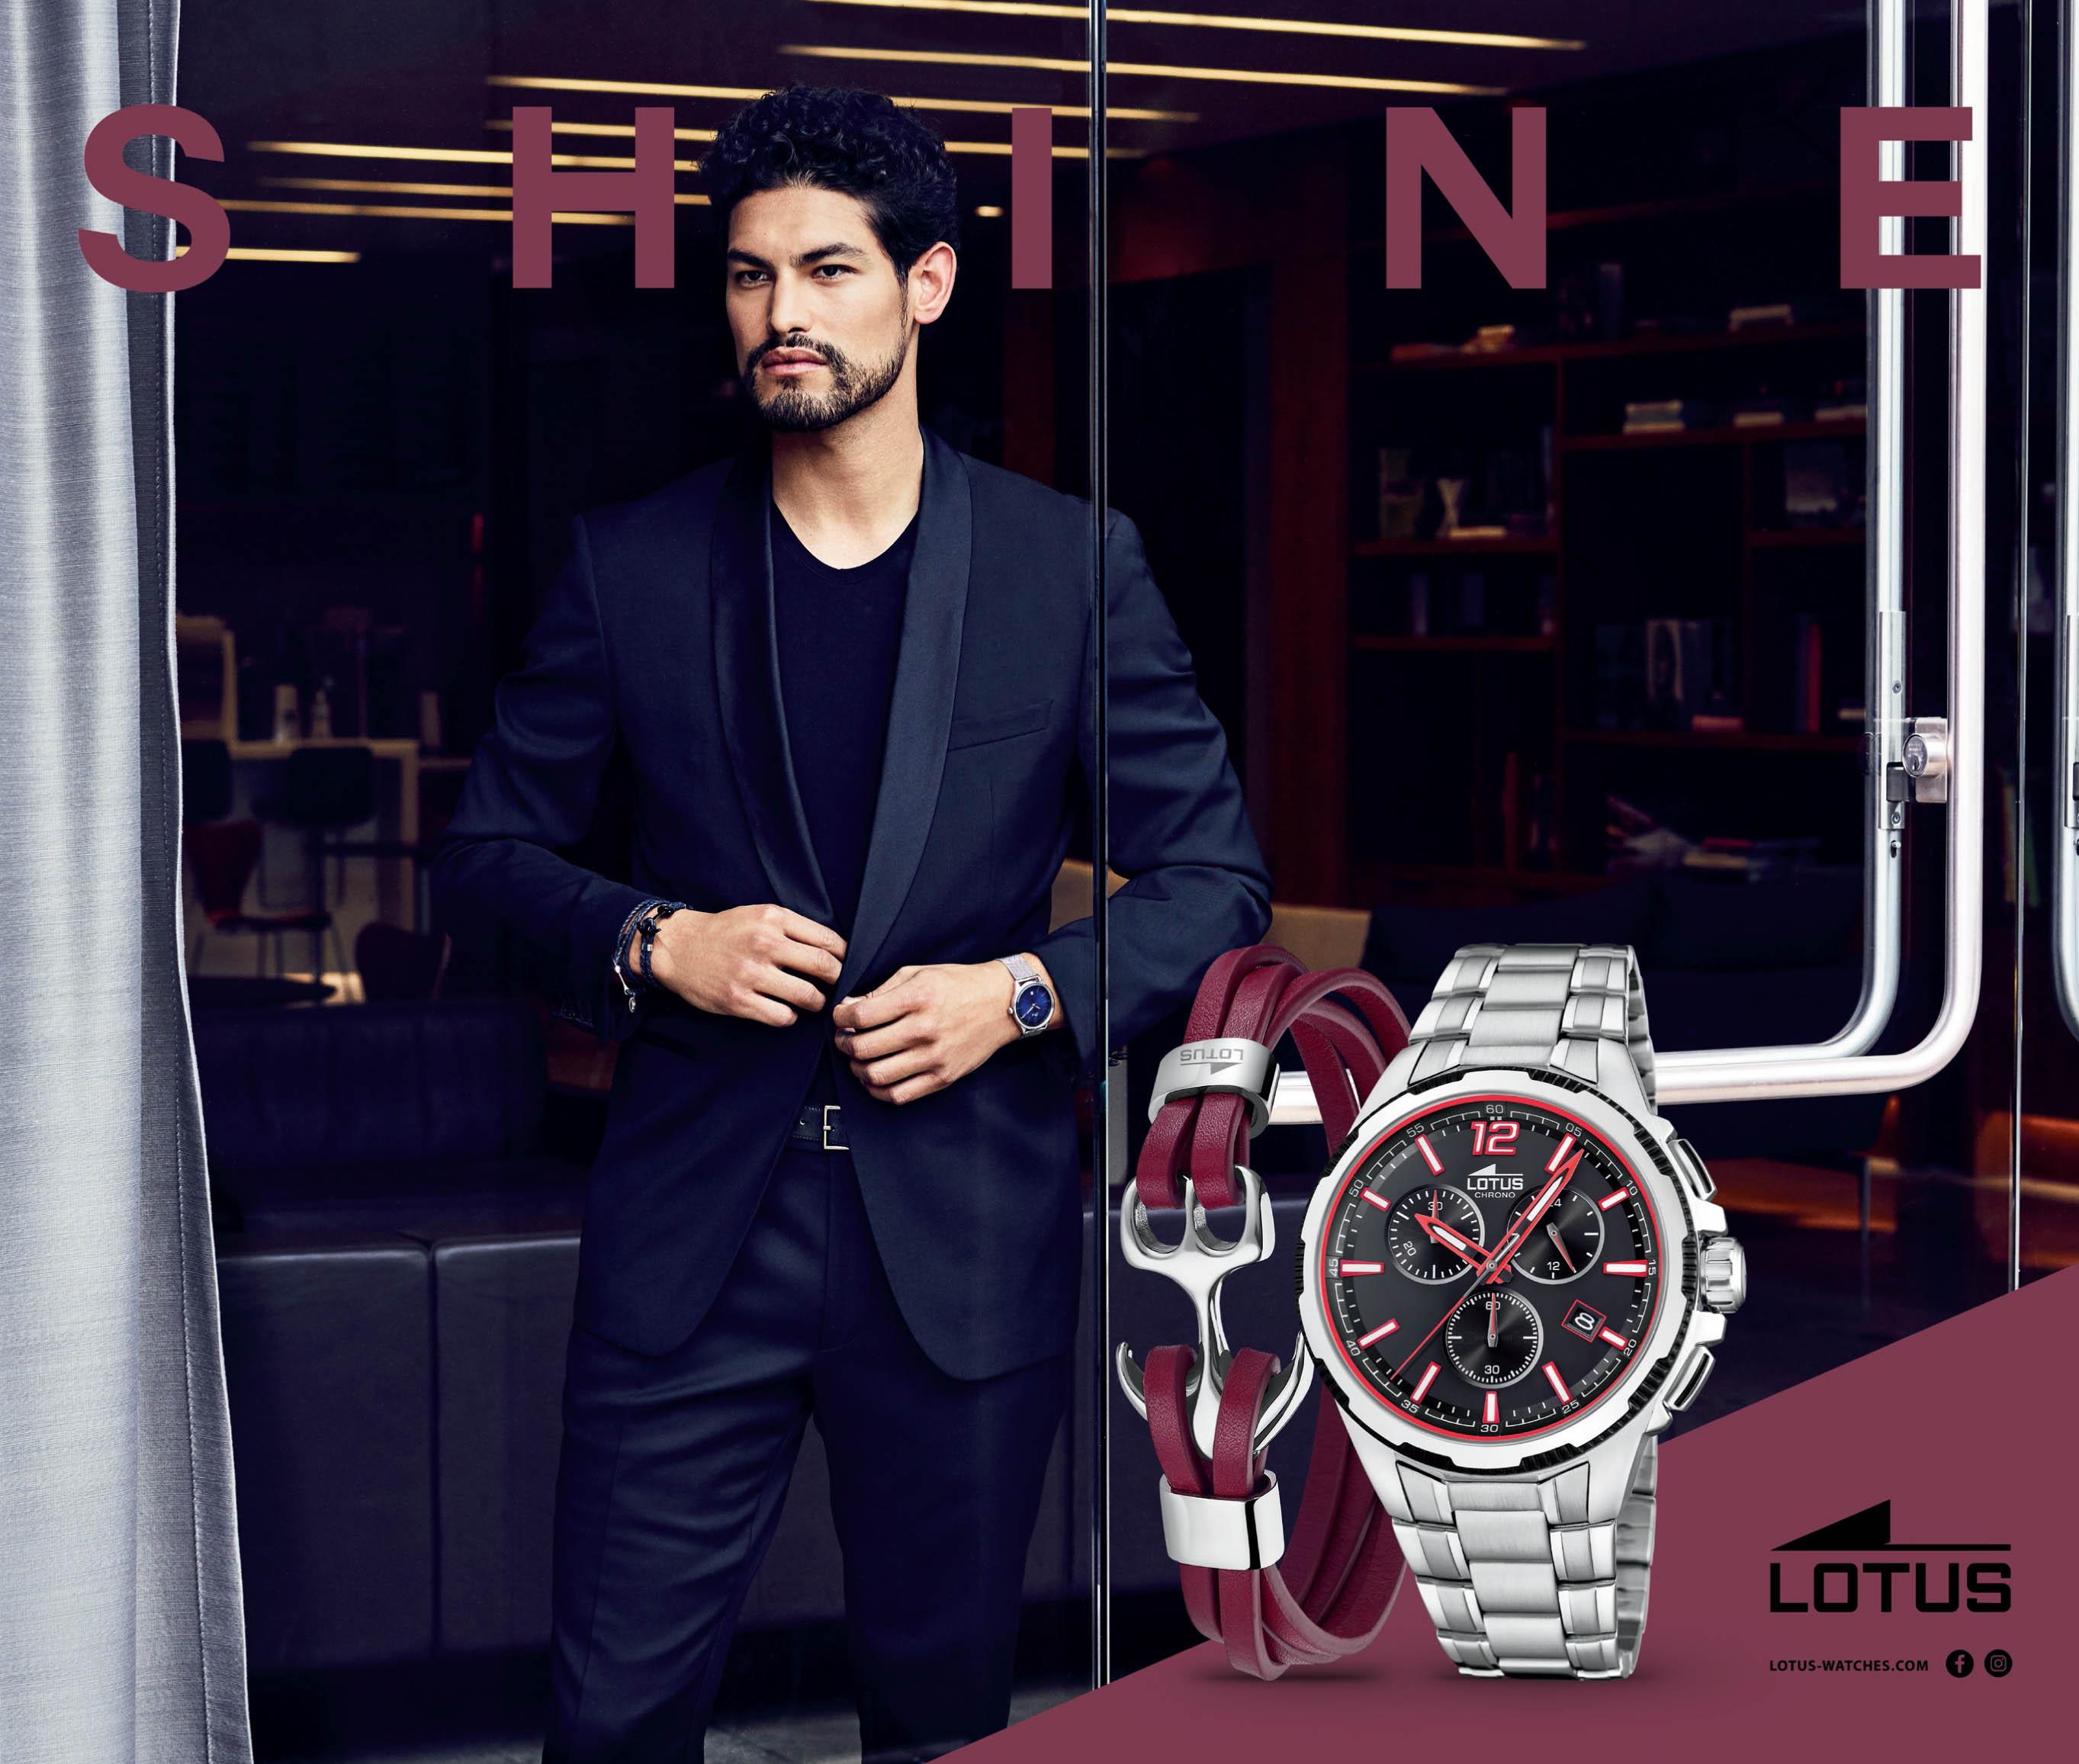 Lotus horloges